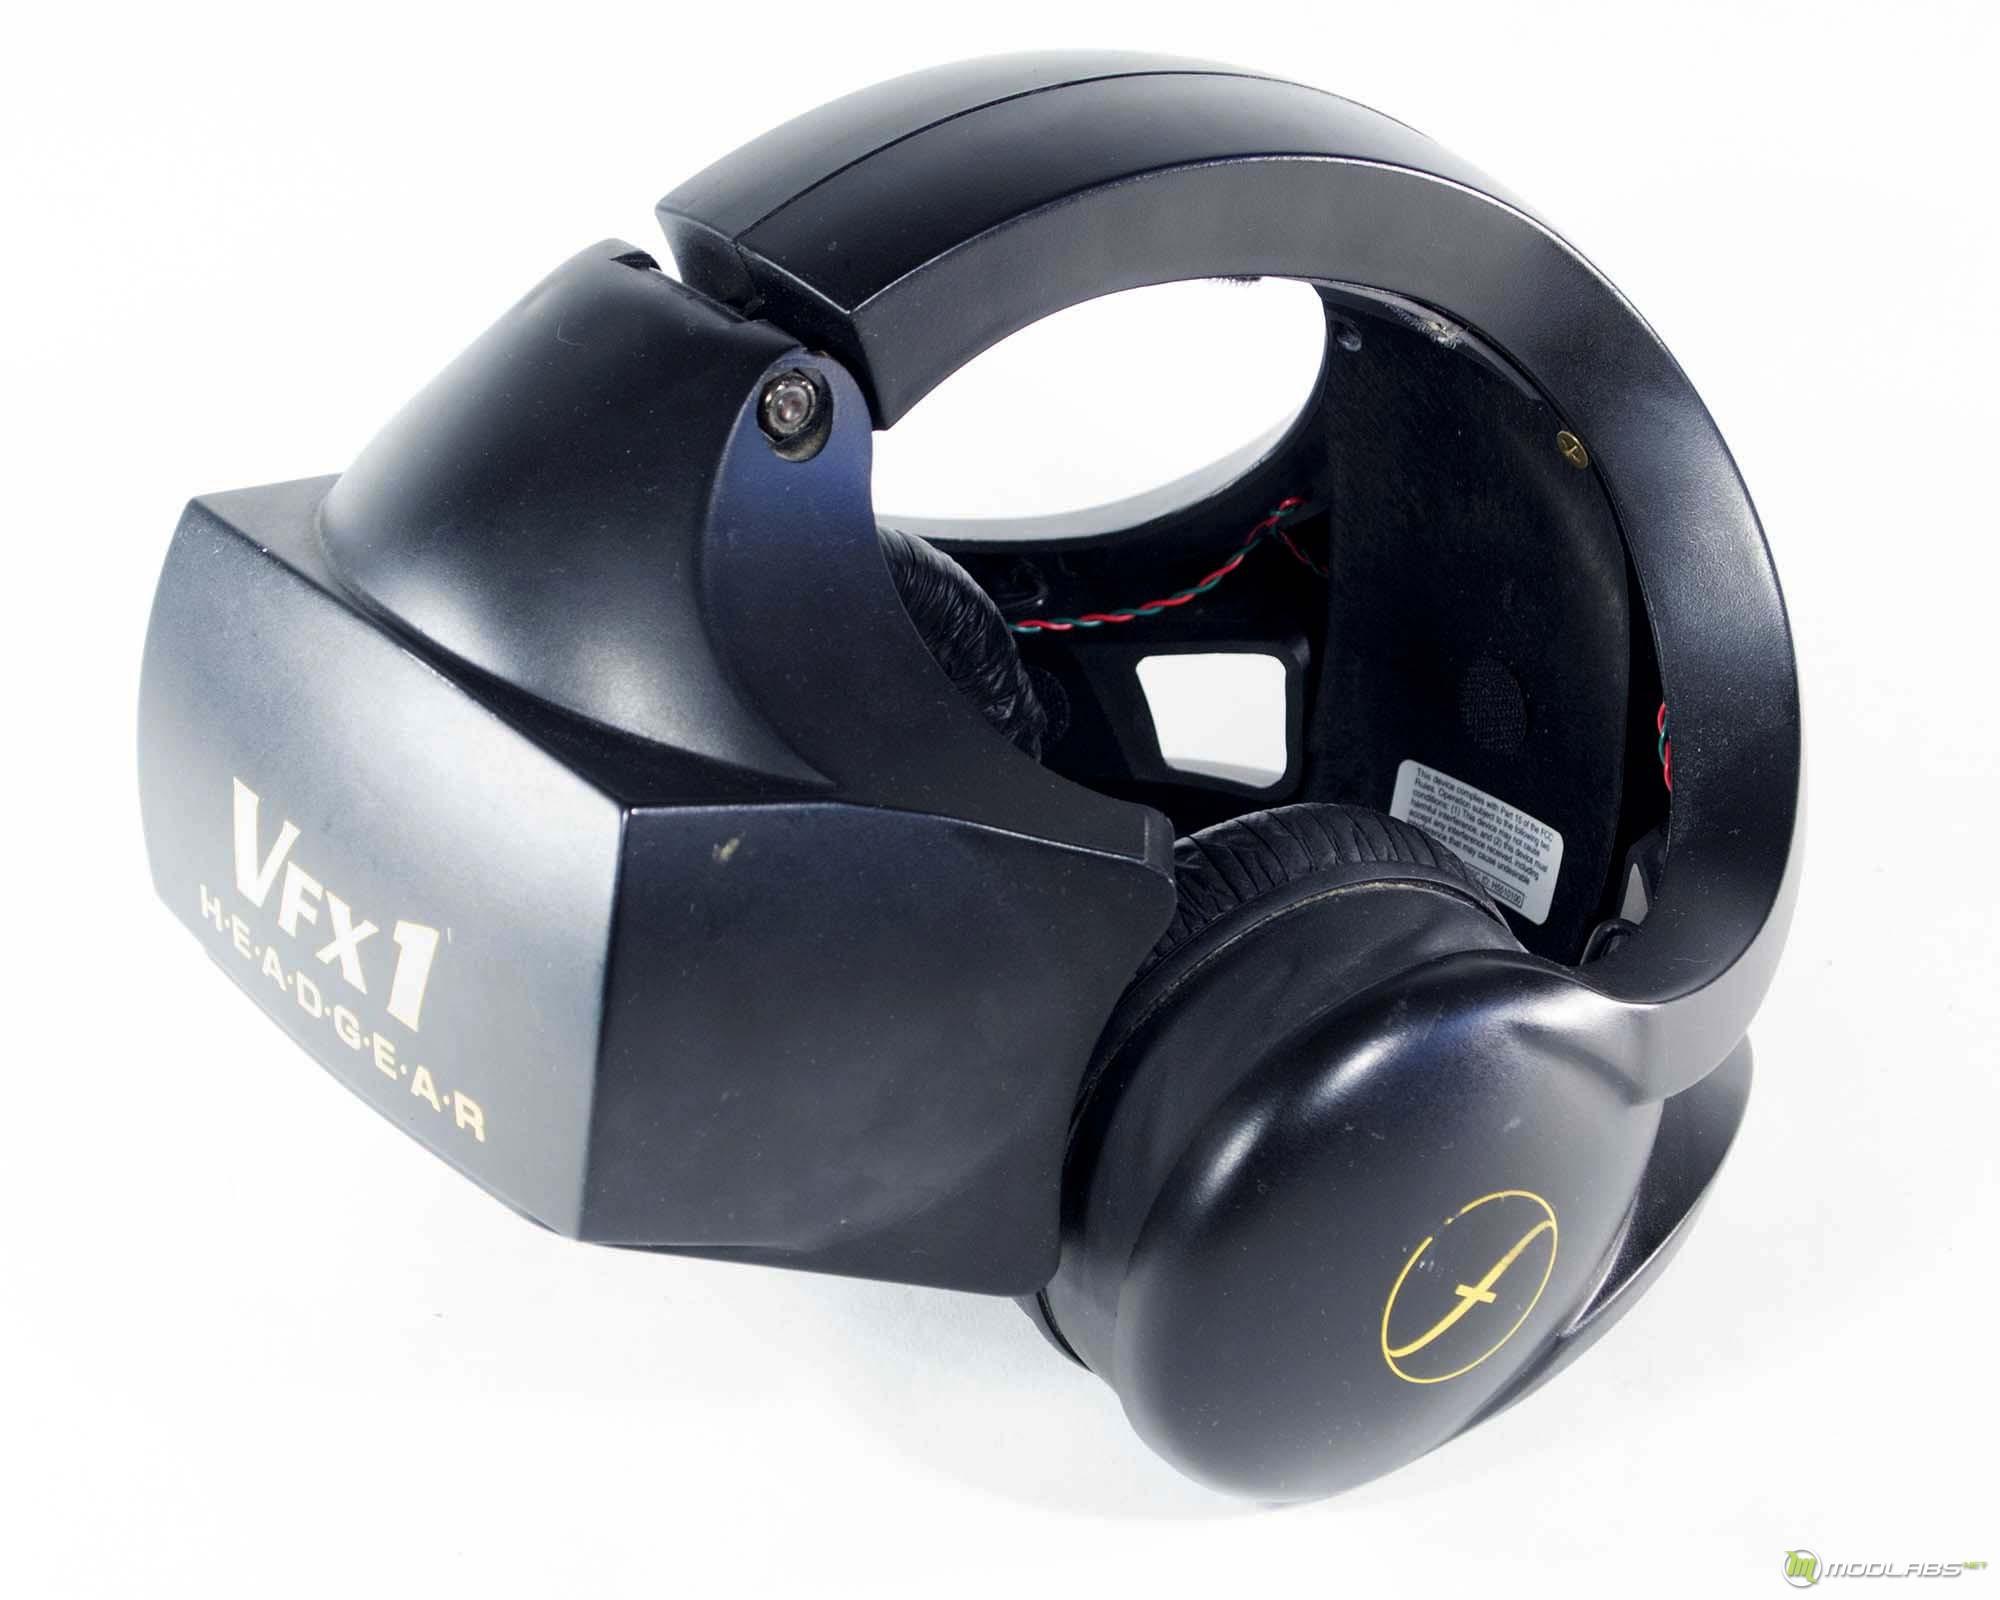 Шлем VFX1 начал продаваться в 1995 году, еще до появления настоящих трехмерных игр. Не помогли ни они, ни новая версия шлема: покупателей было маловато